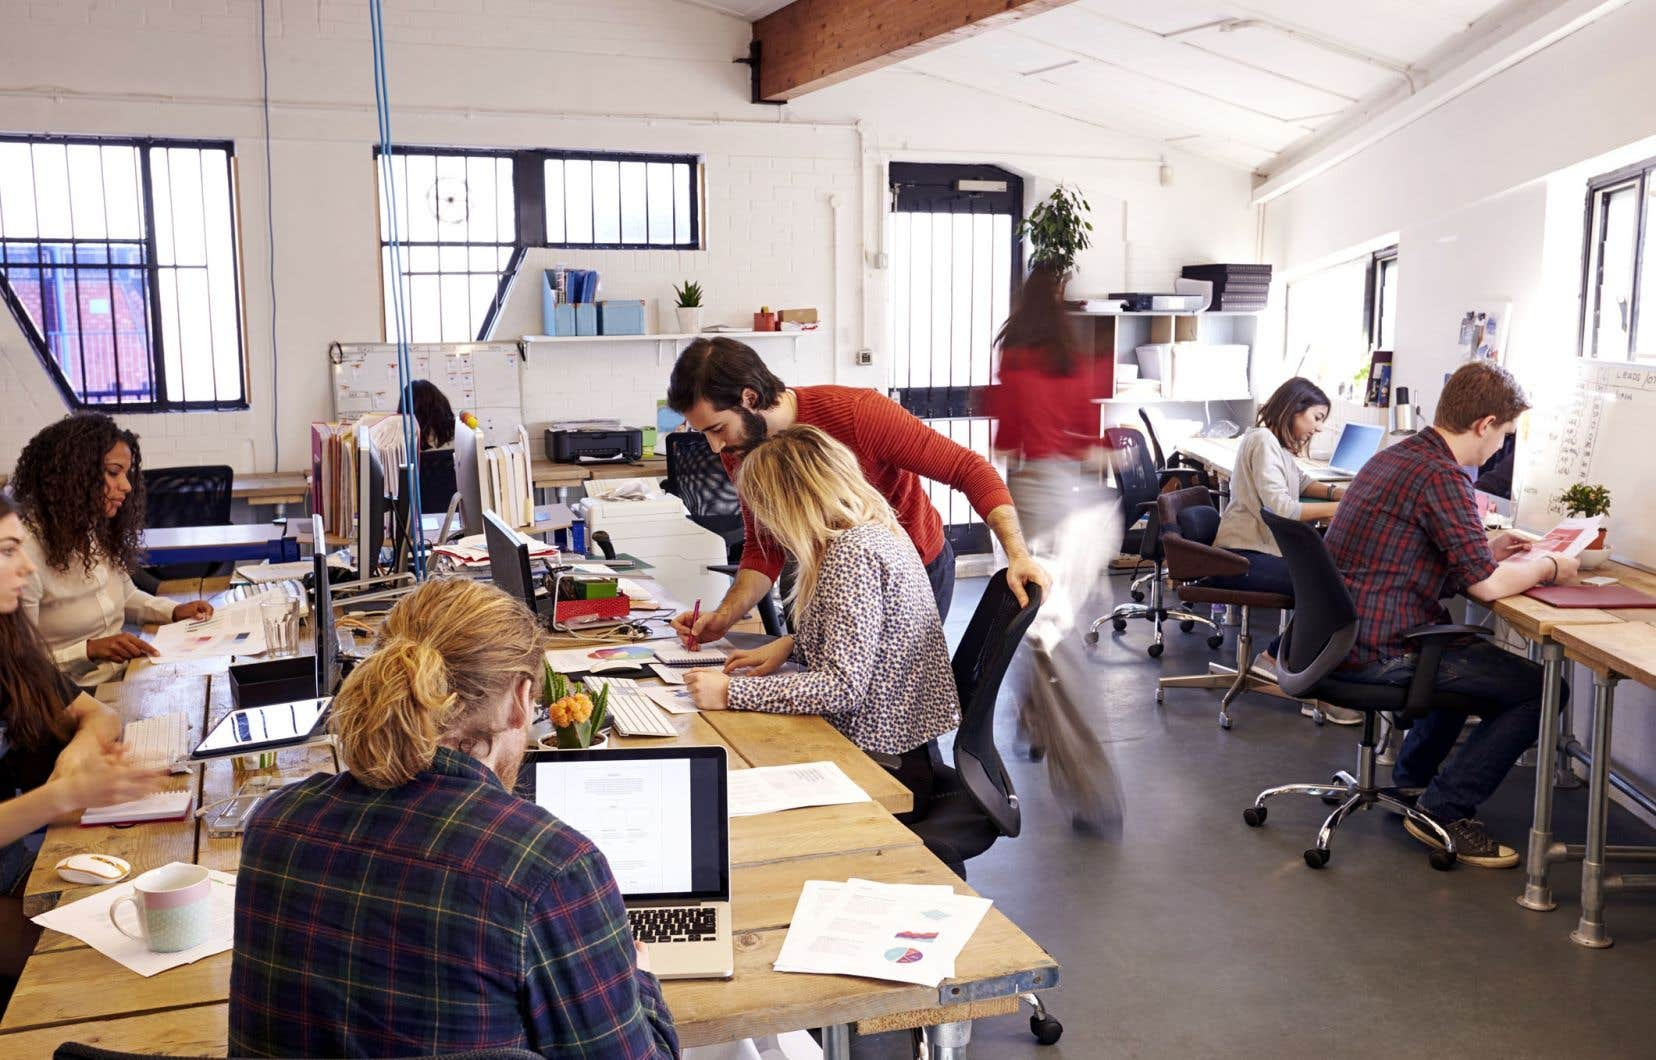 Le nombre d'emplois à temps plein a grimpé de 396 800 pendant que le nombre d'emplois à temps partiel a diminué de 88 700.